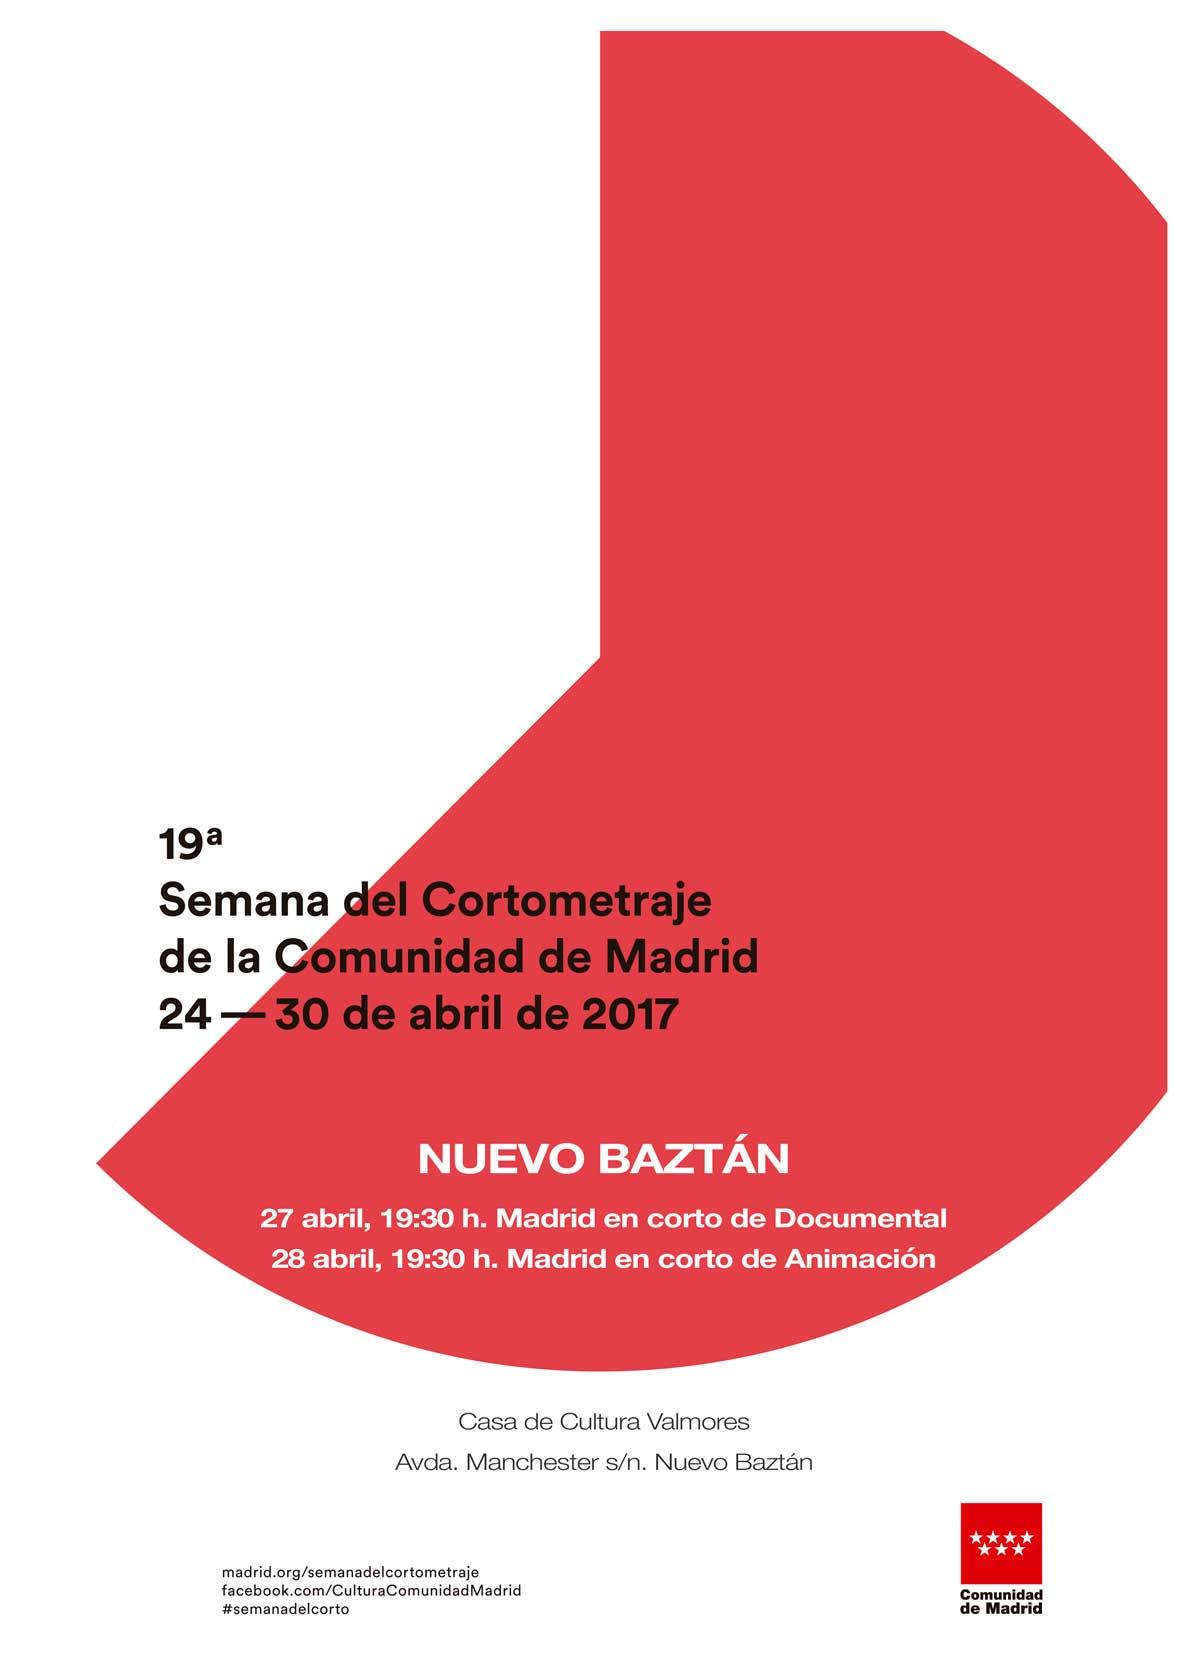 19 Semana del cortometraje de la Comunidad de Madrid